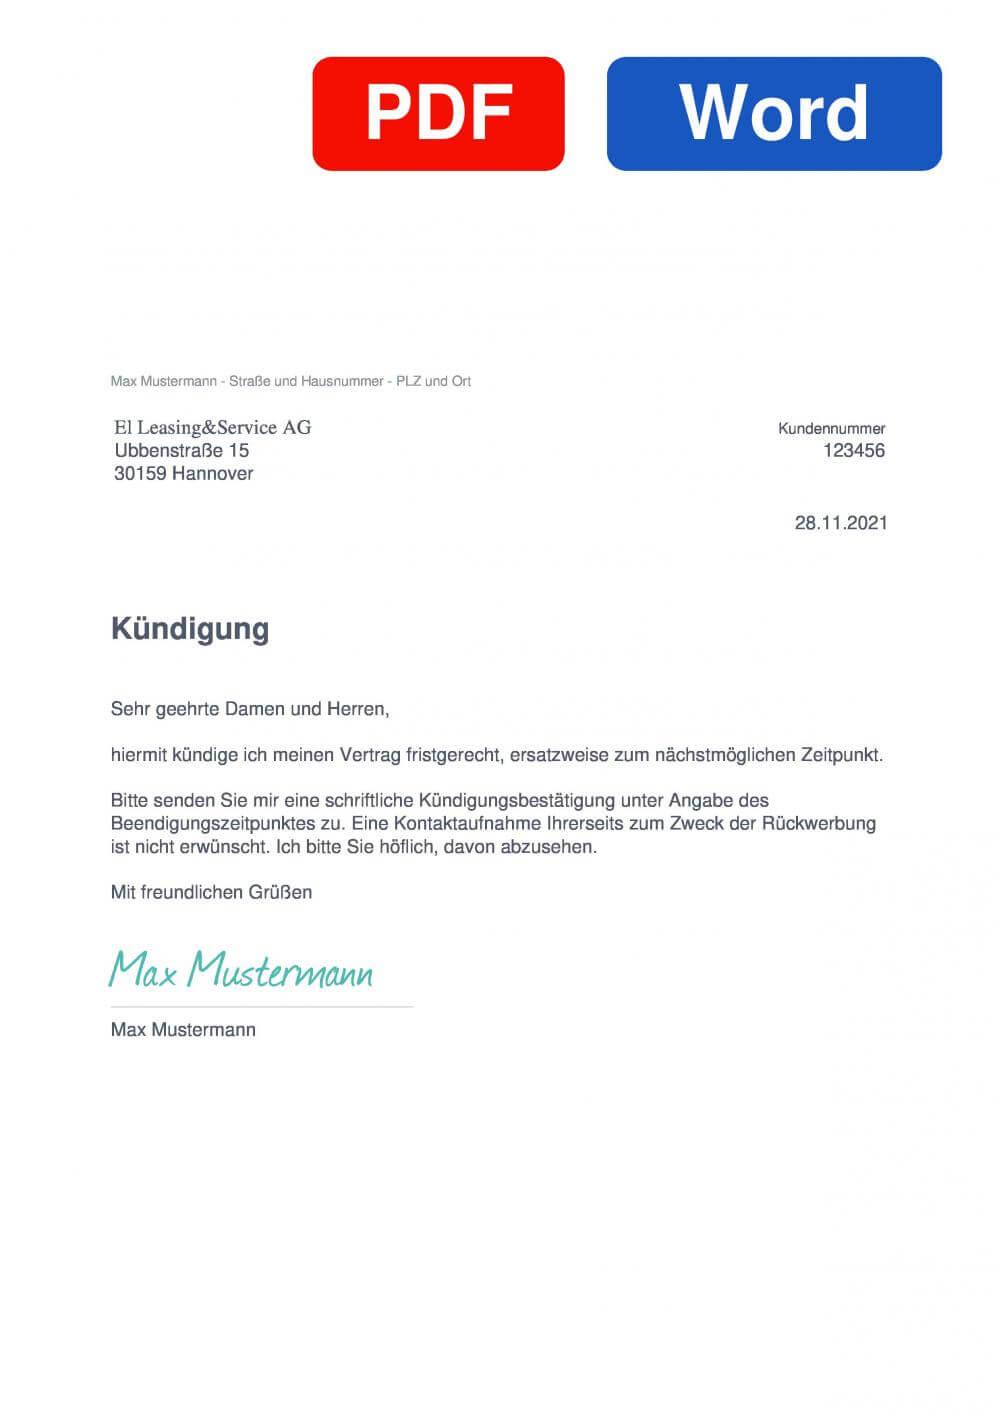 el Leasing Muster Vorlage für Kündigungsschreiben